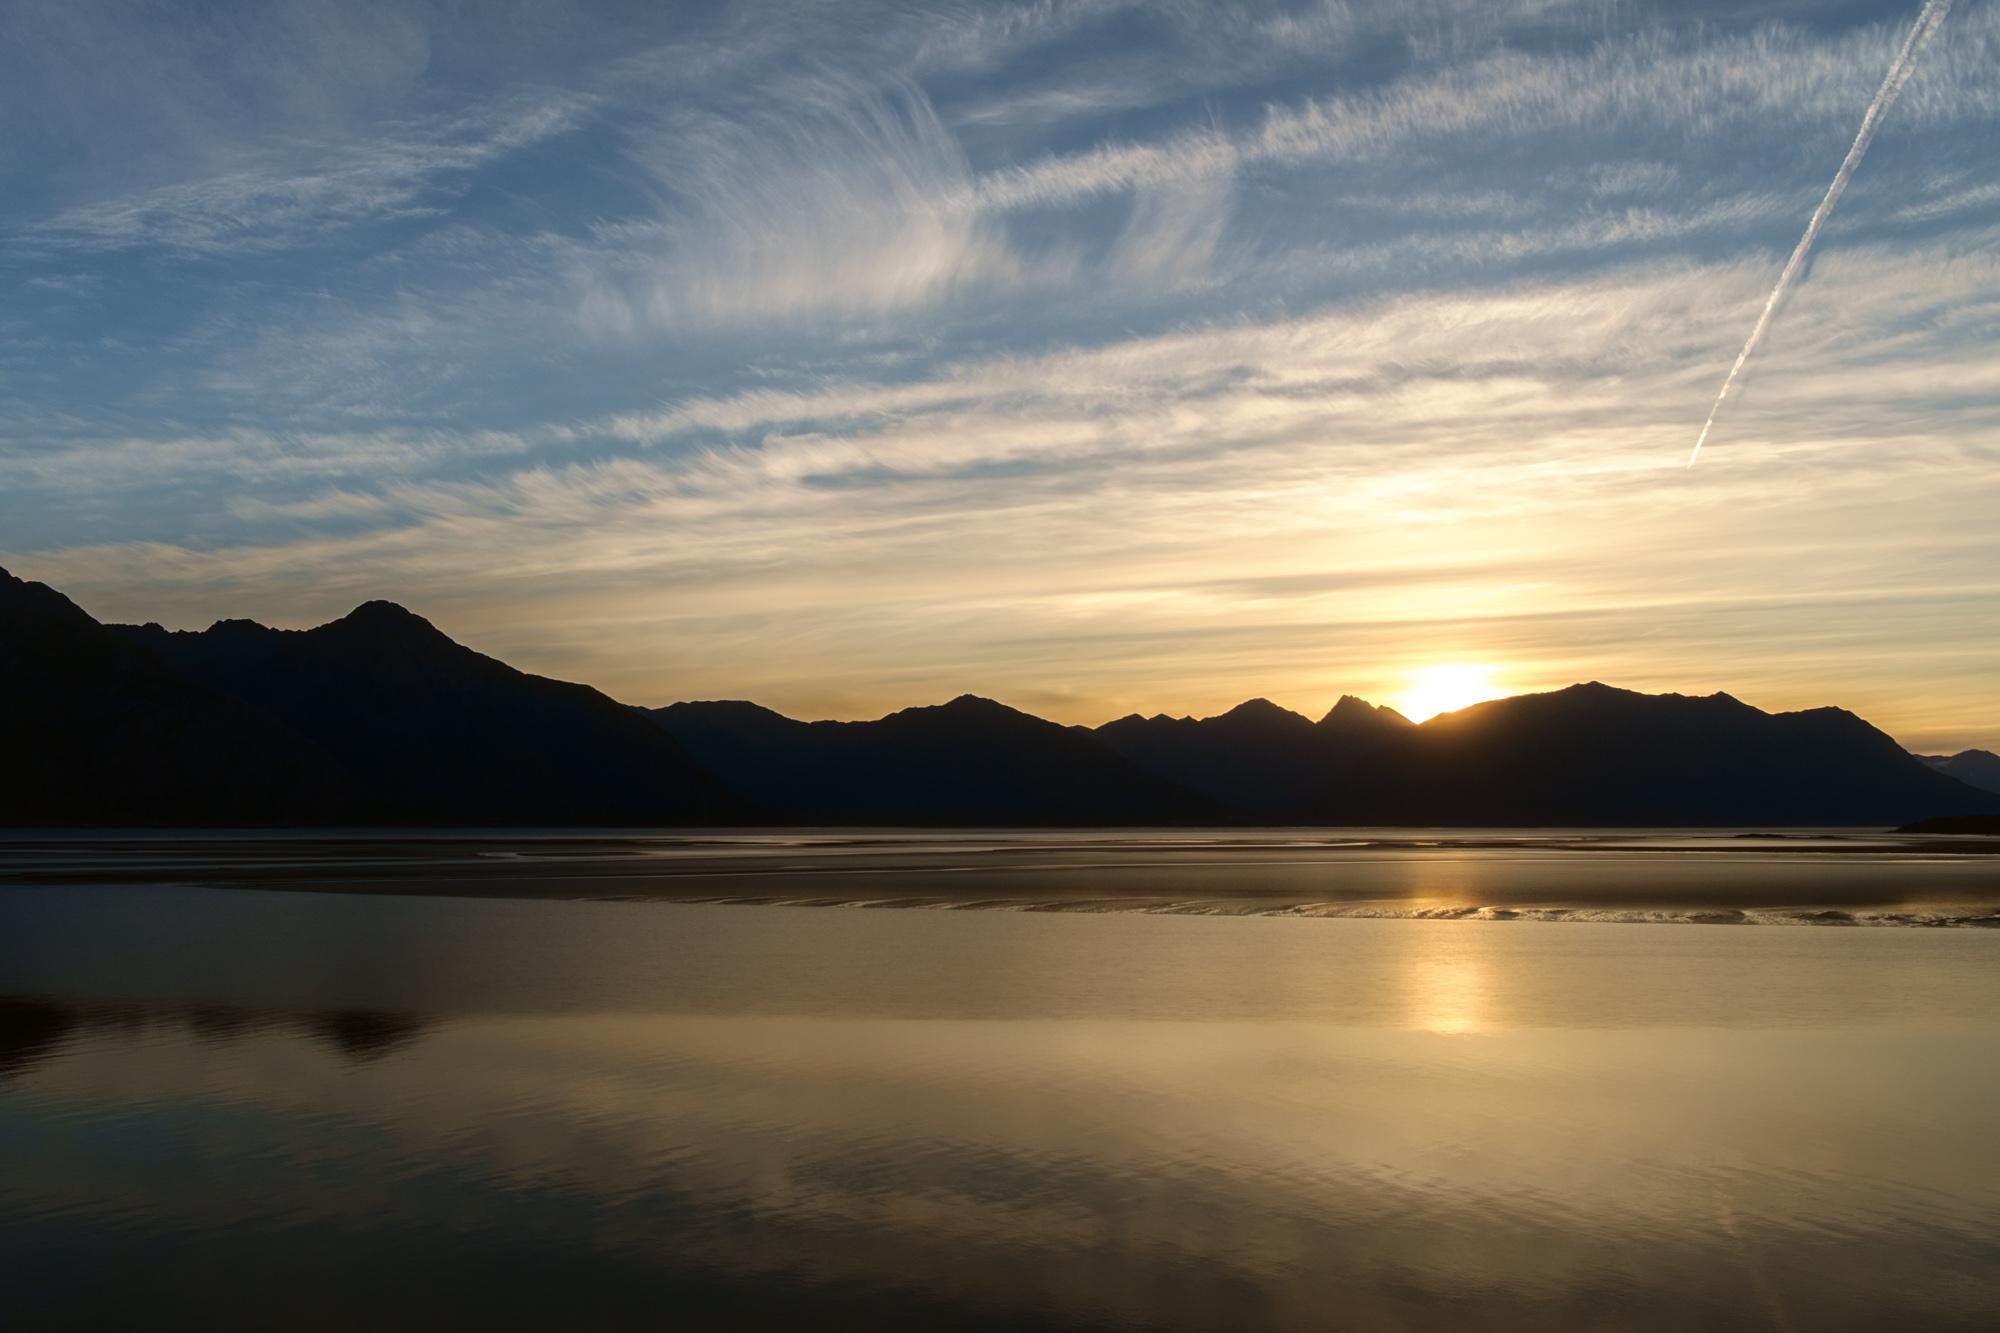 Scott_Myers_Alaska-3784.jpg